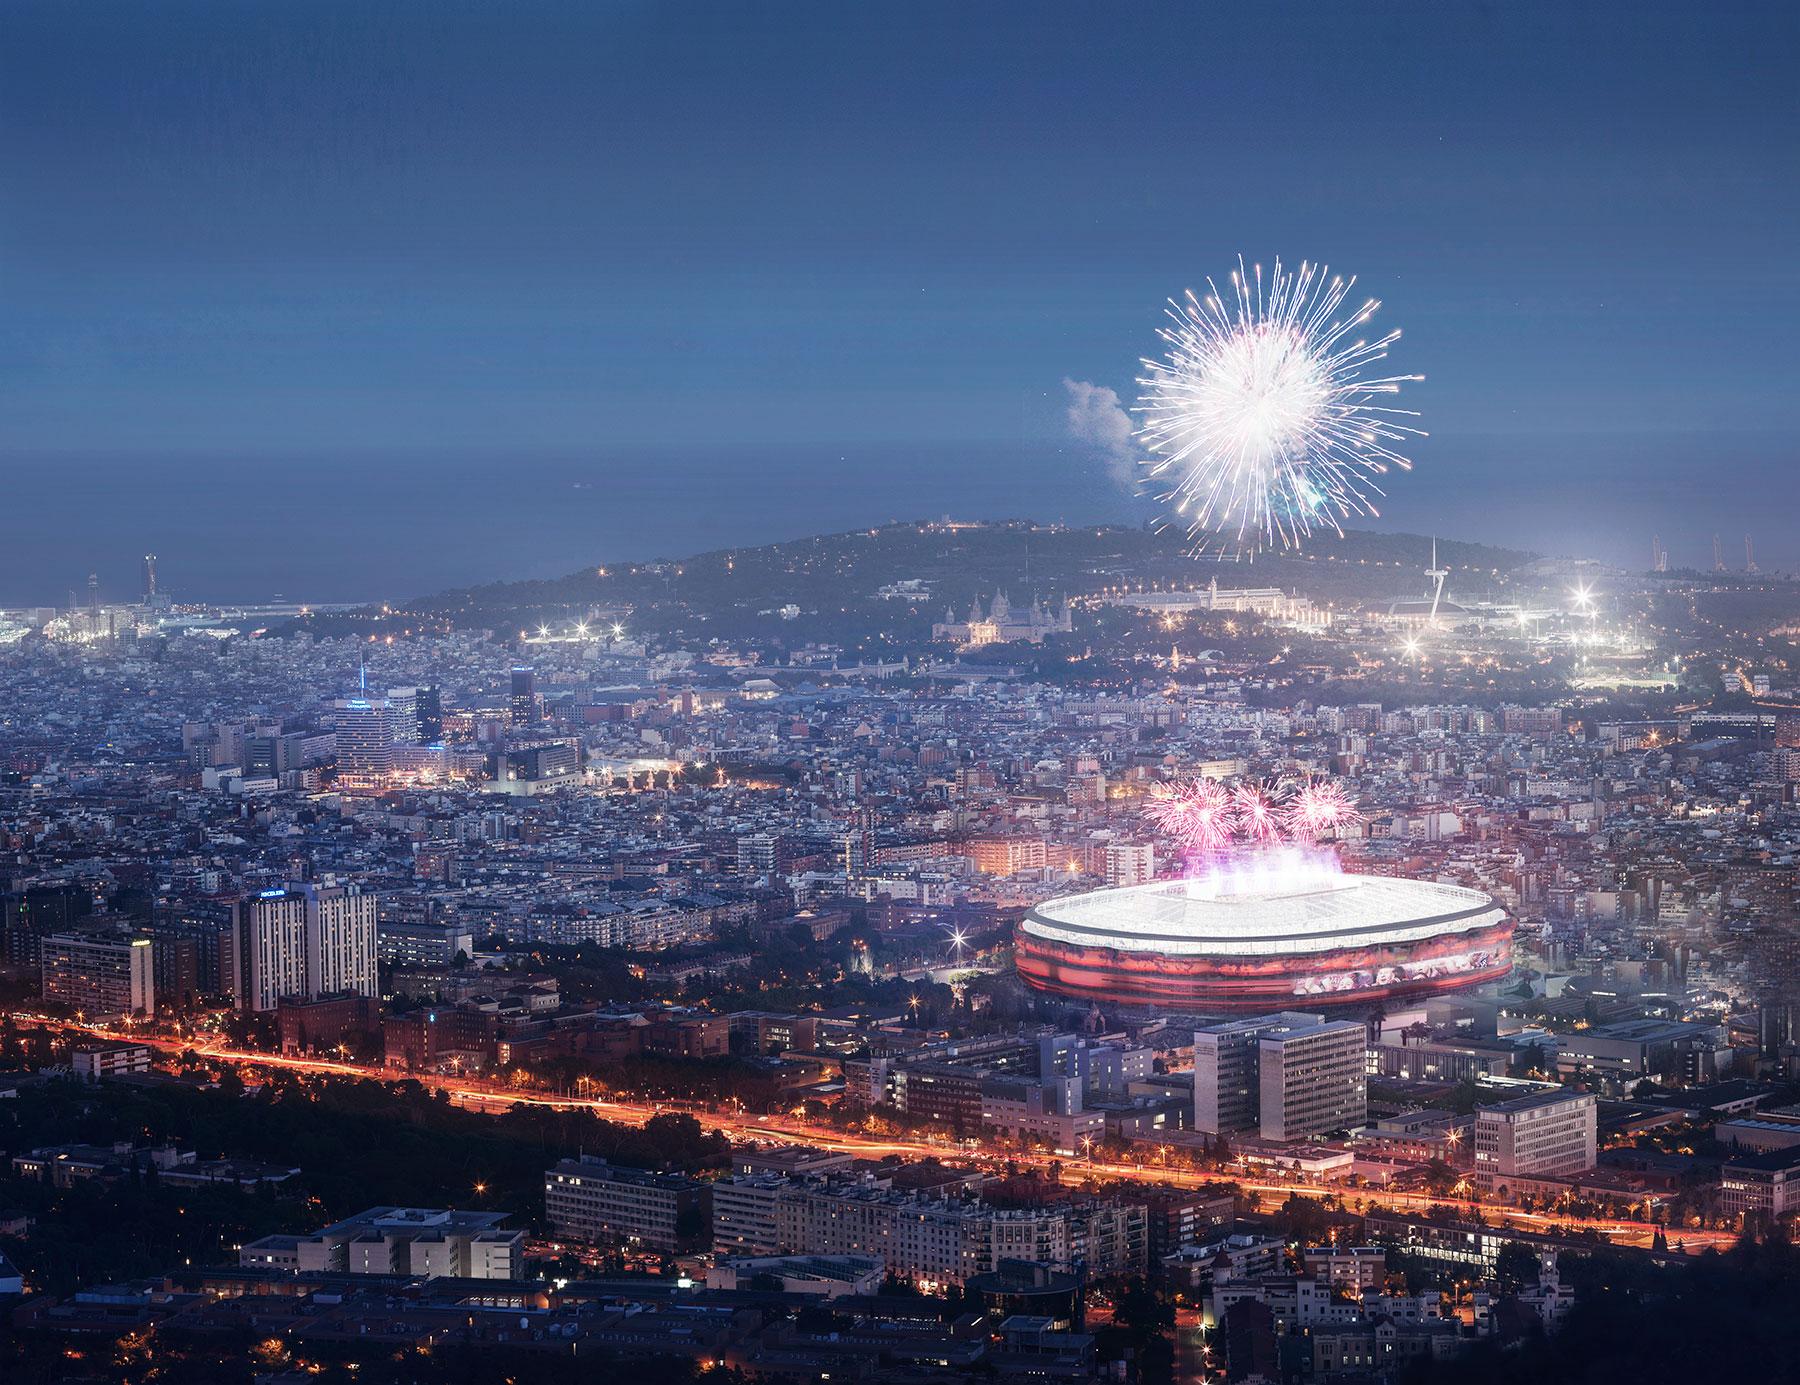 FCBarcelona aerial fireworks render 3D